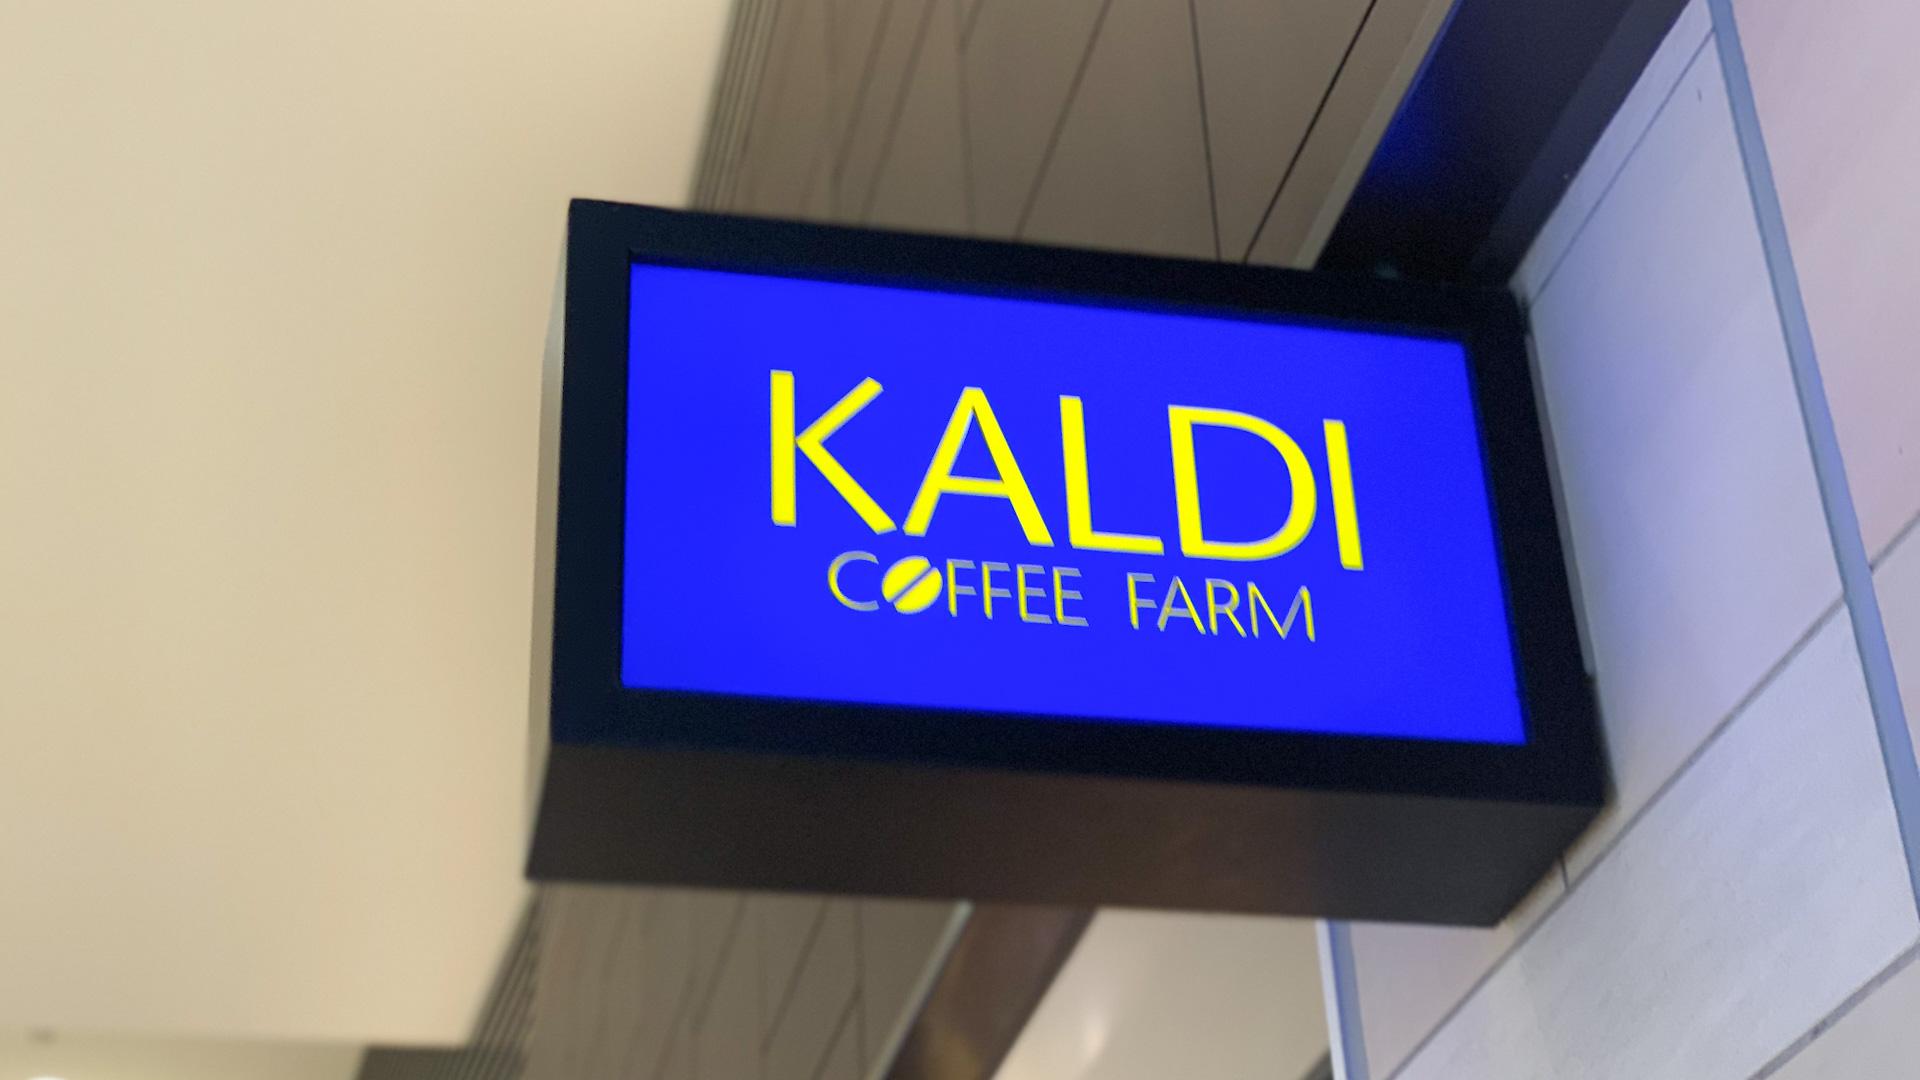 カルディで買えるベトナム食品おすすめまとめ!コーヒーやお菓子が盛りだくさん